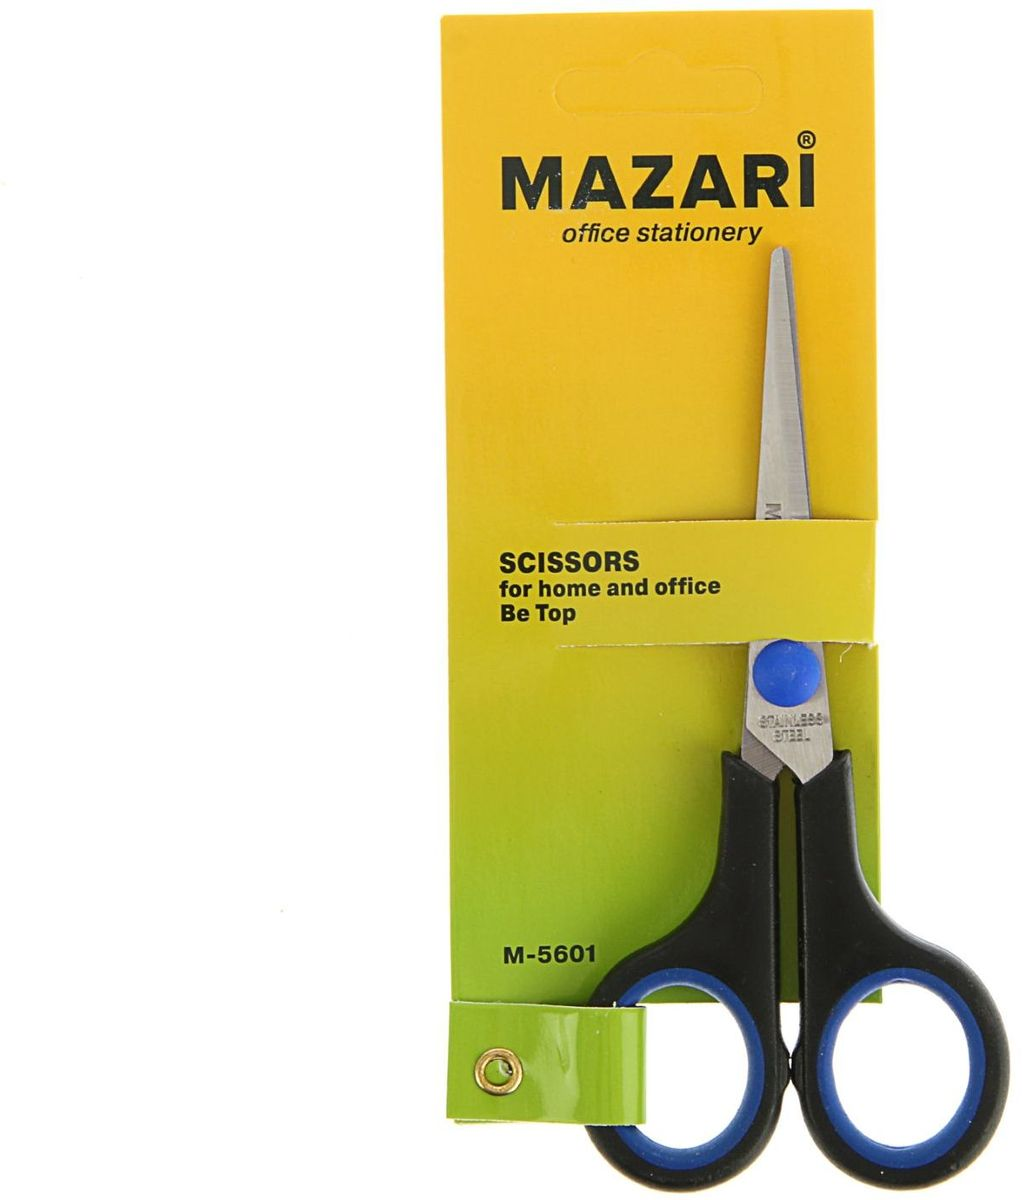 MAZARi Ножницы Be Top 14 см1975723Канцелярские ножницы - это предмет, которым мы пользуемся едва ли не ежедневно. Но, к сожалению, эта вещь часто ломается либо теряется в самый нужный момент.Ножницы Be Top станут прекрасным бытовым помощником для вас! Лезвия изготовлены из нержавеющей стали, а пластиковые ручки оснащены резиновыми вставками. Область применения таких ножниц достаточно широка: их можно использовать дома, в школе, на работе для разрезания любых видов бумаги и картона.